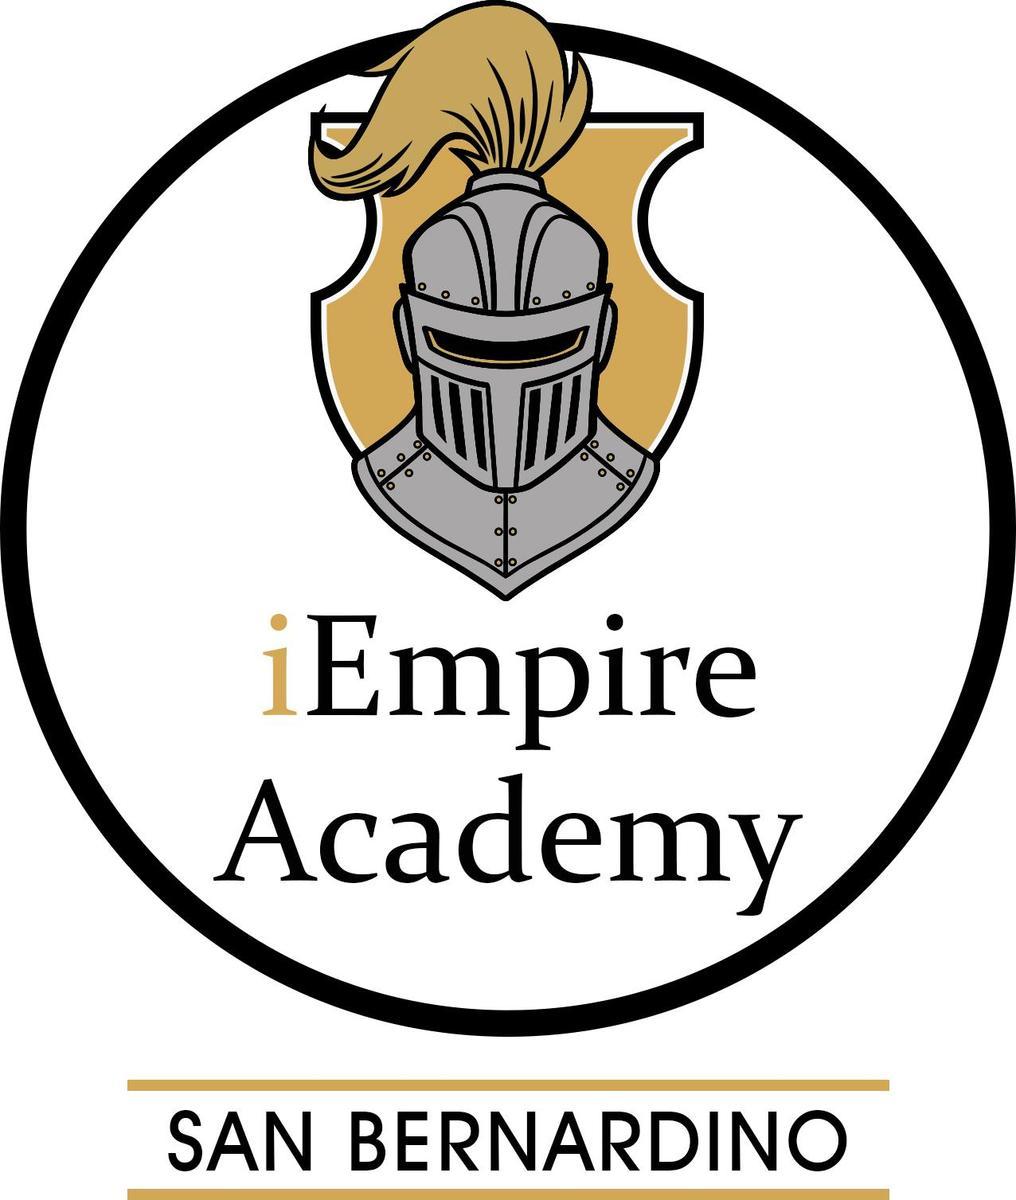 iEmpire Academy